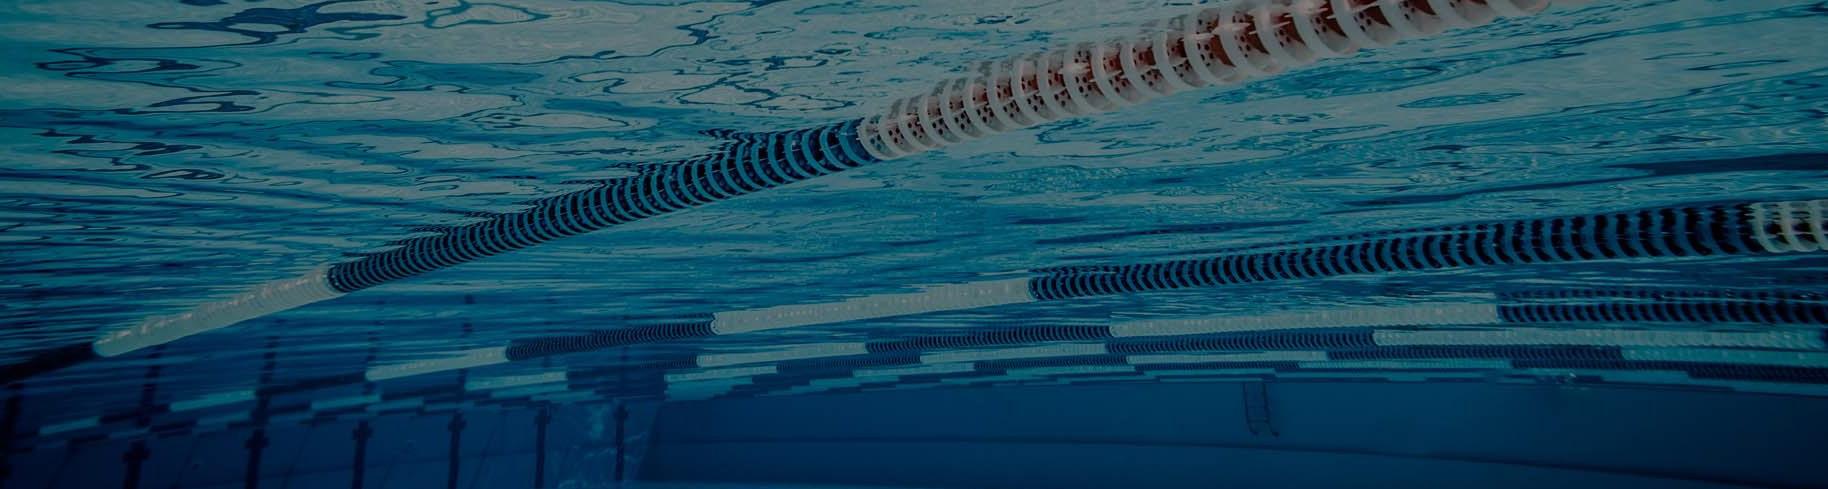 http://www.swimmer.ru/wp-content/uploads/2017/06/fon_bass.jpg